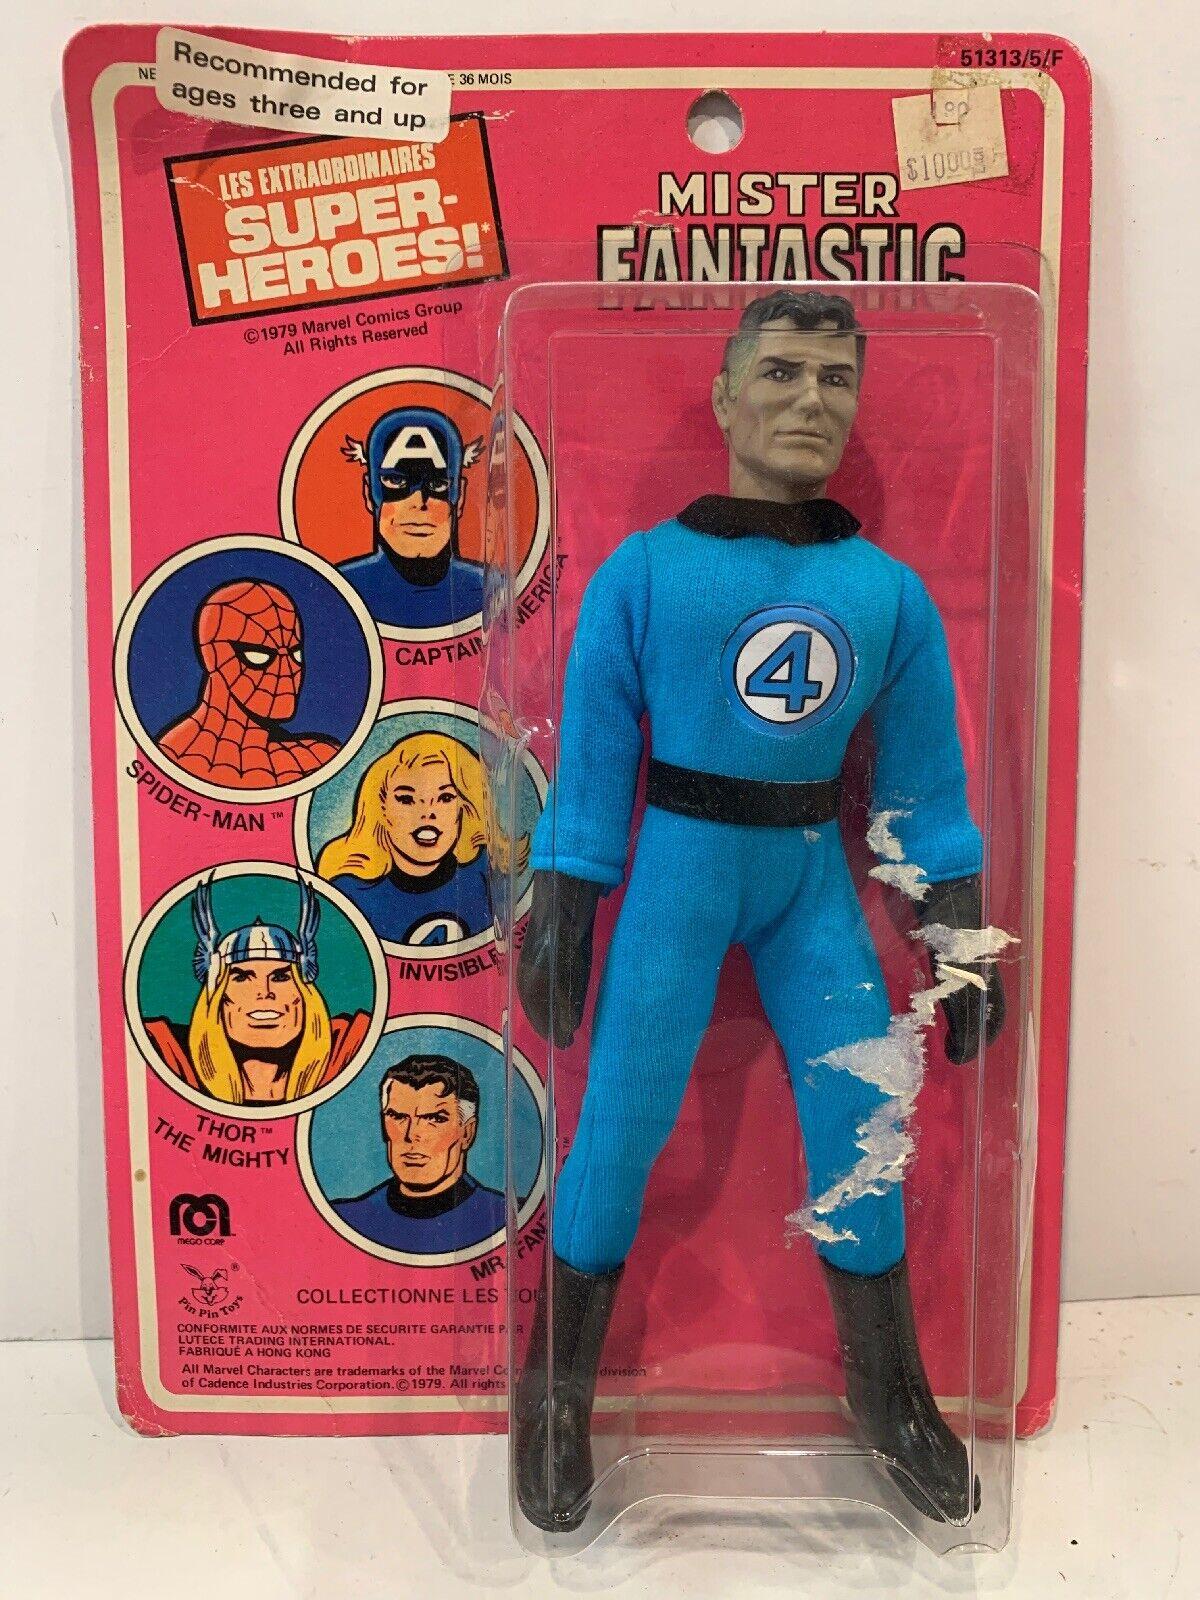 Mego 1979 Mister Fantastic Action Figure ORIGINAL SEALED MOC VINTAGE 4 Four